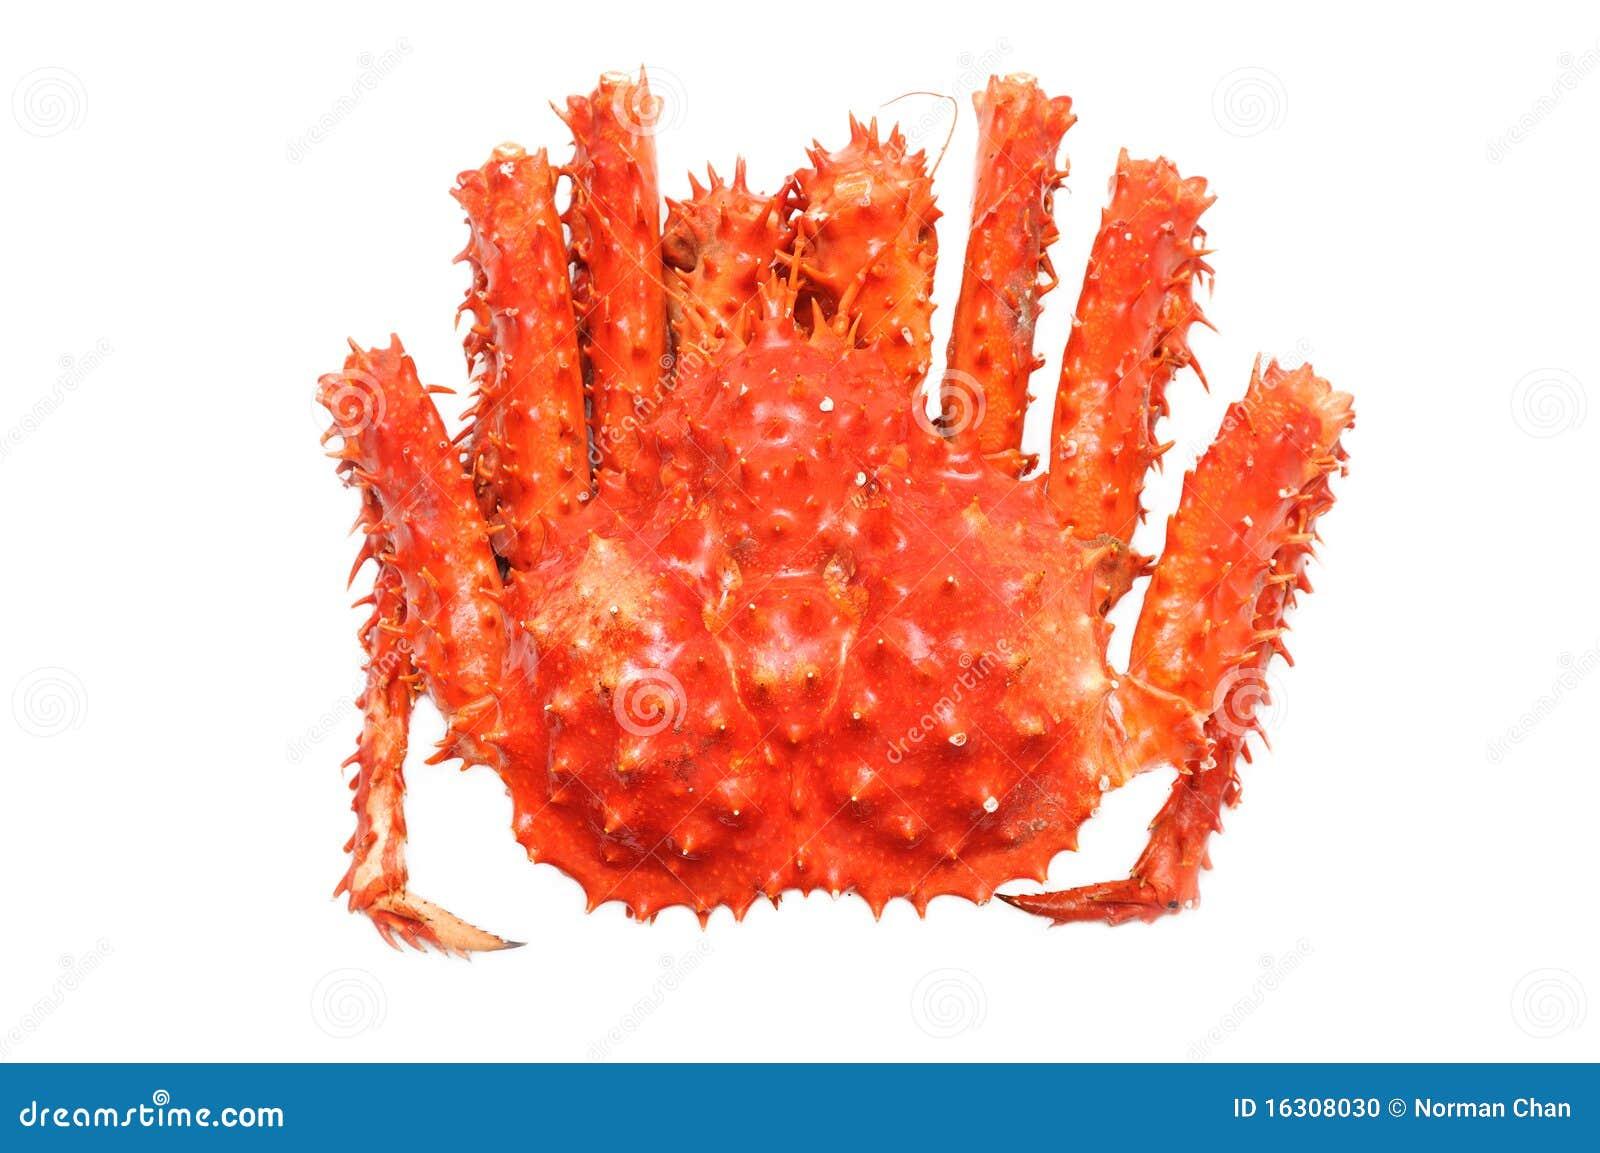 alaskan king crab stock photo image 16308030 running horse clip art free running horse clipart black and white